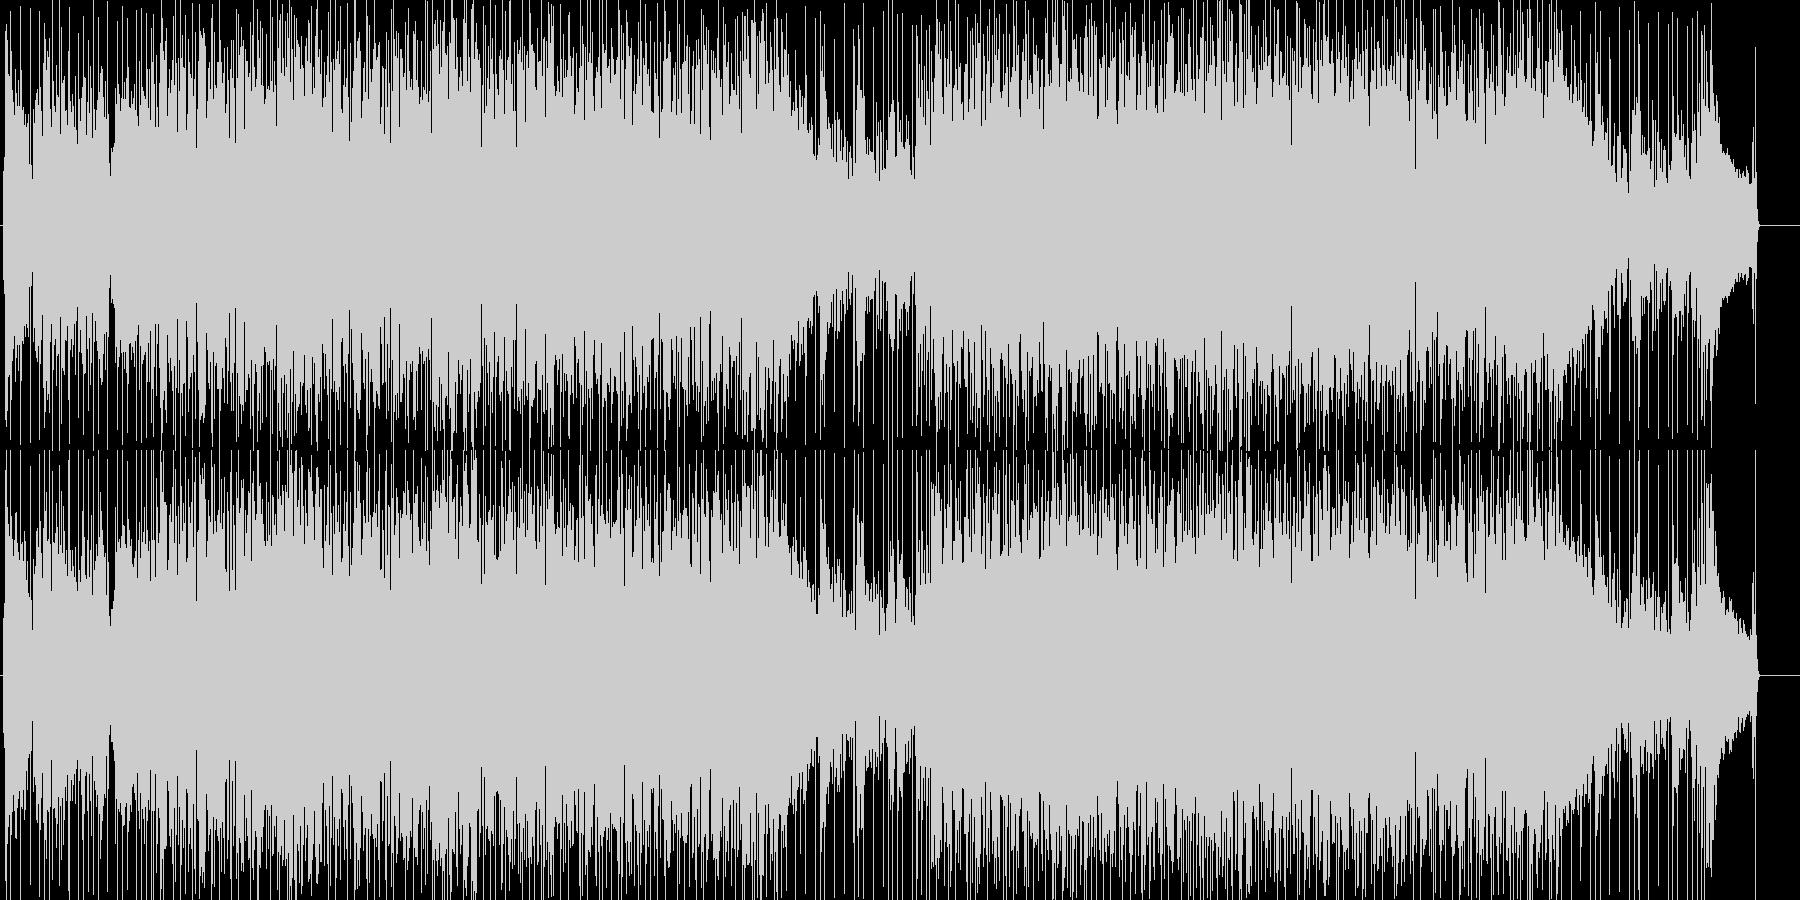 爽やかで軽快なロックフュージョンの未再生の波形